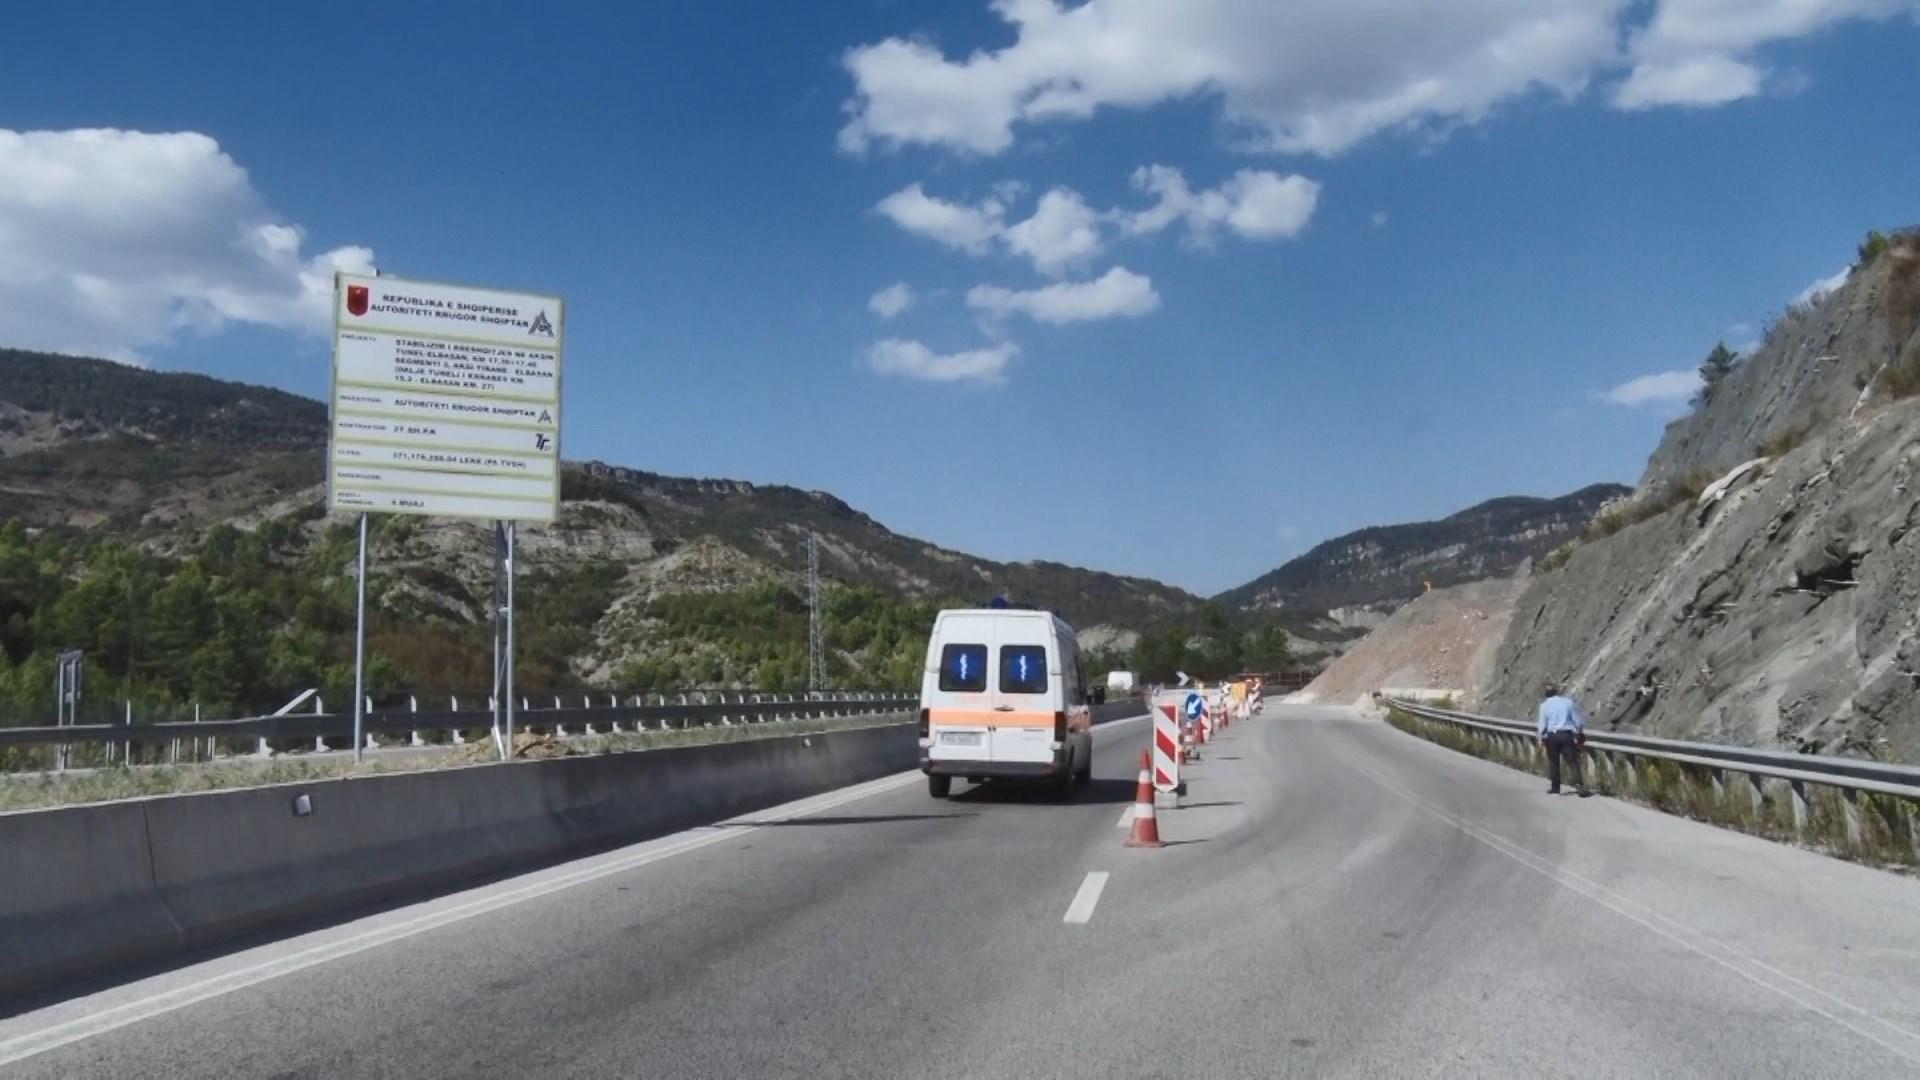 Punimet në Elbasan-Tiranë, në fund të dhjetorit shmanget rruga e Kërrabës